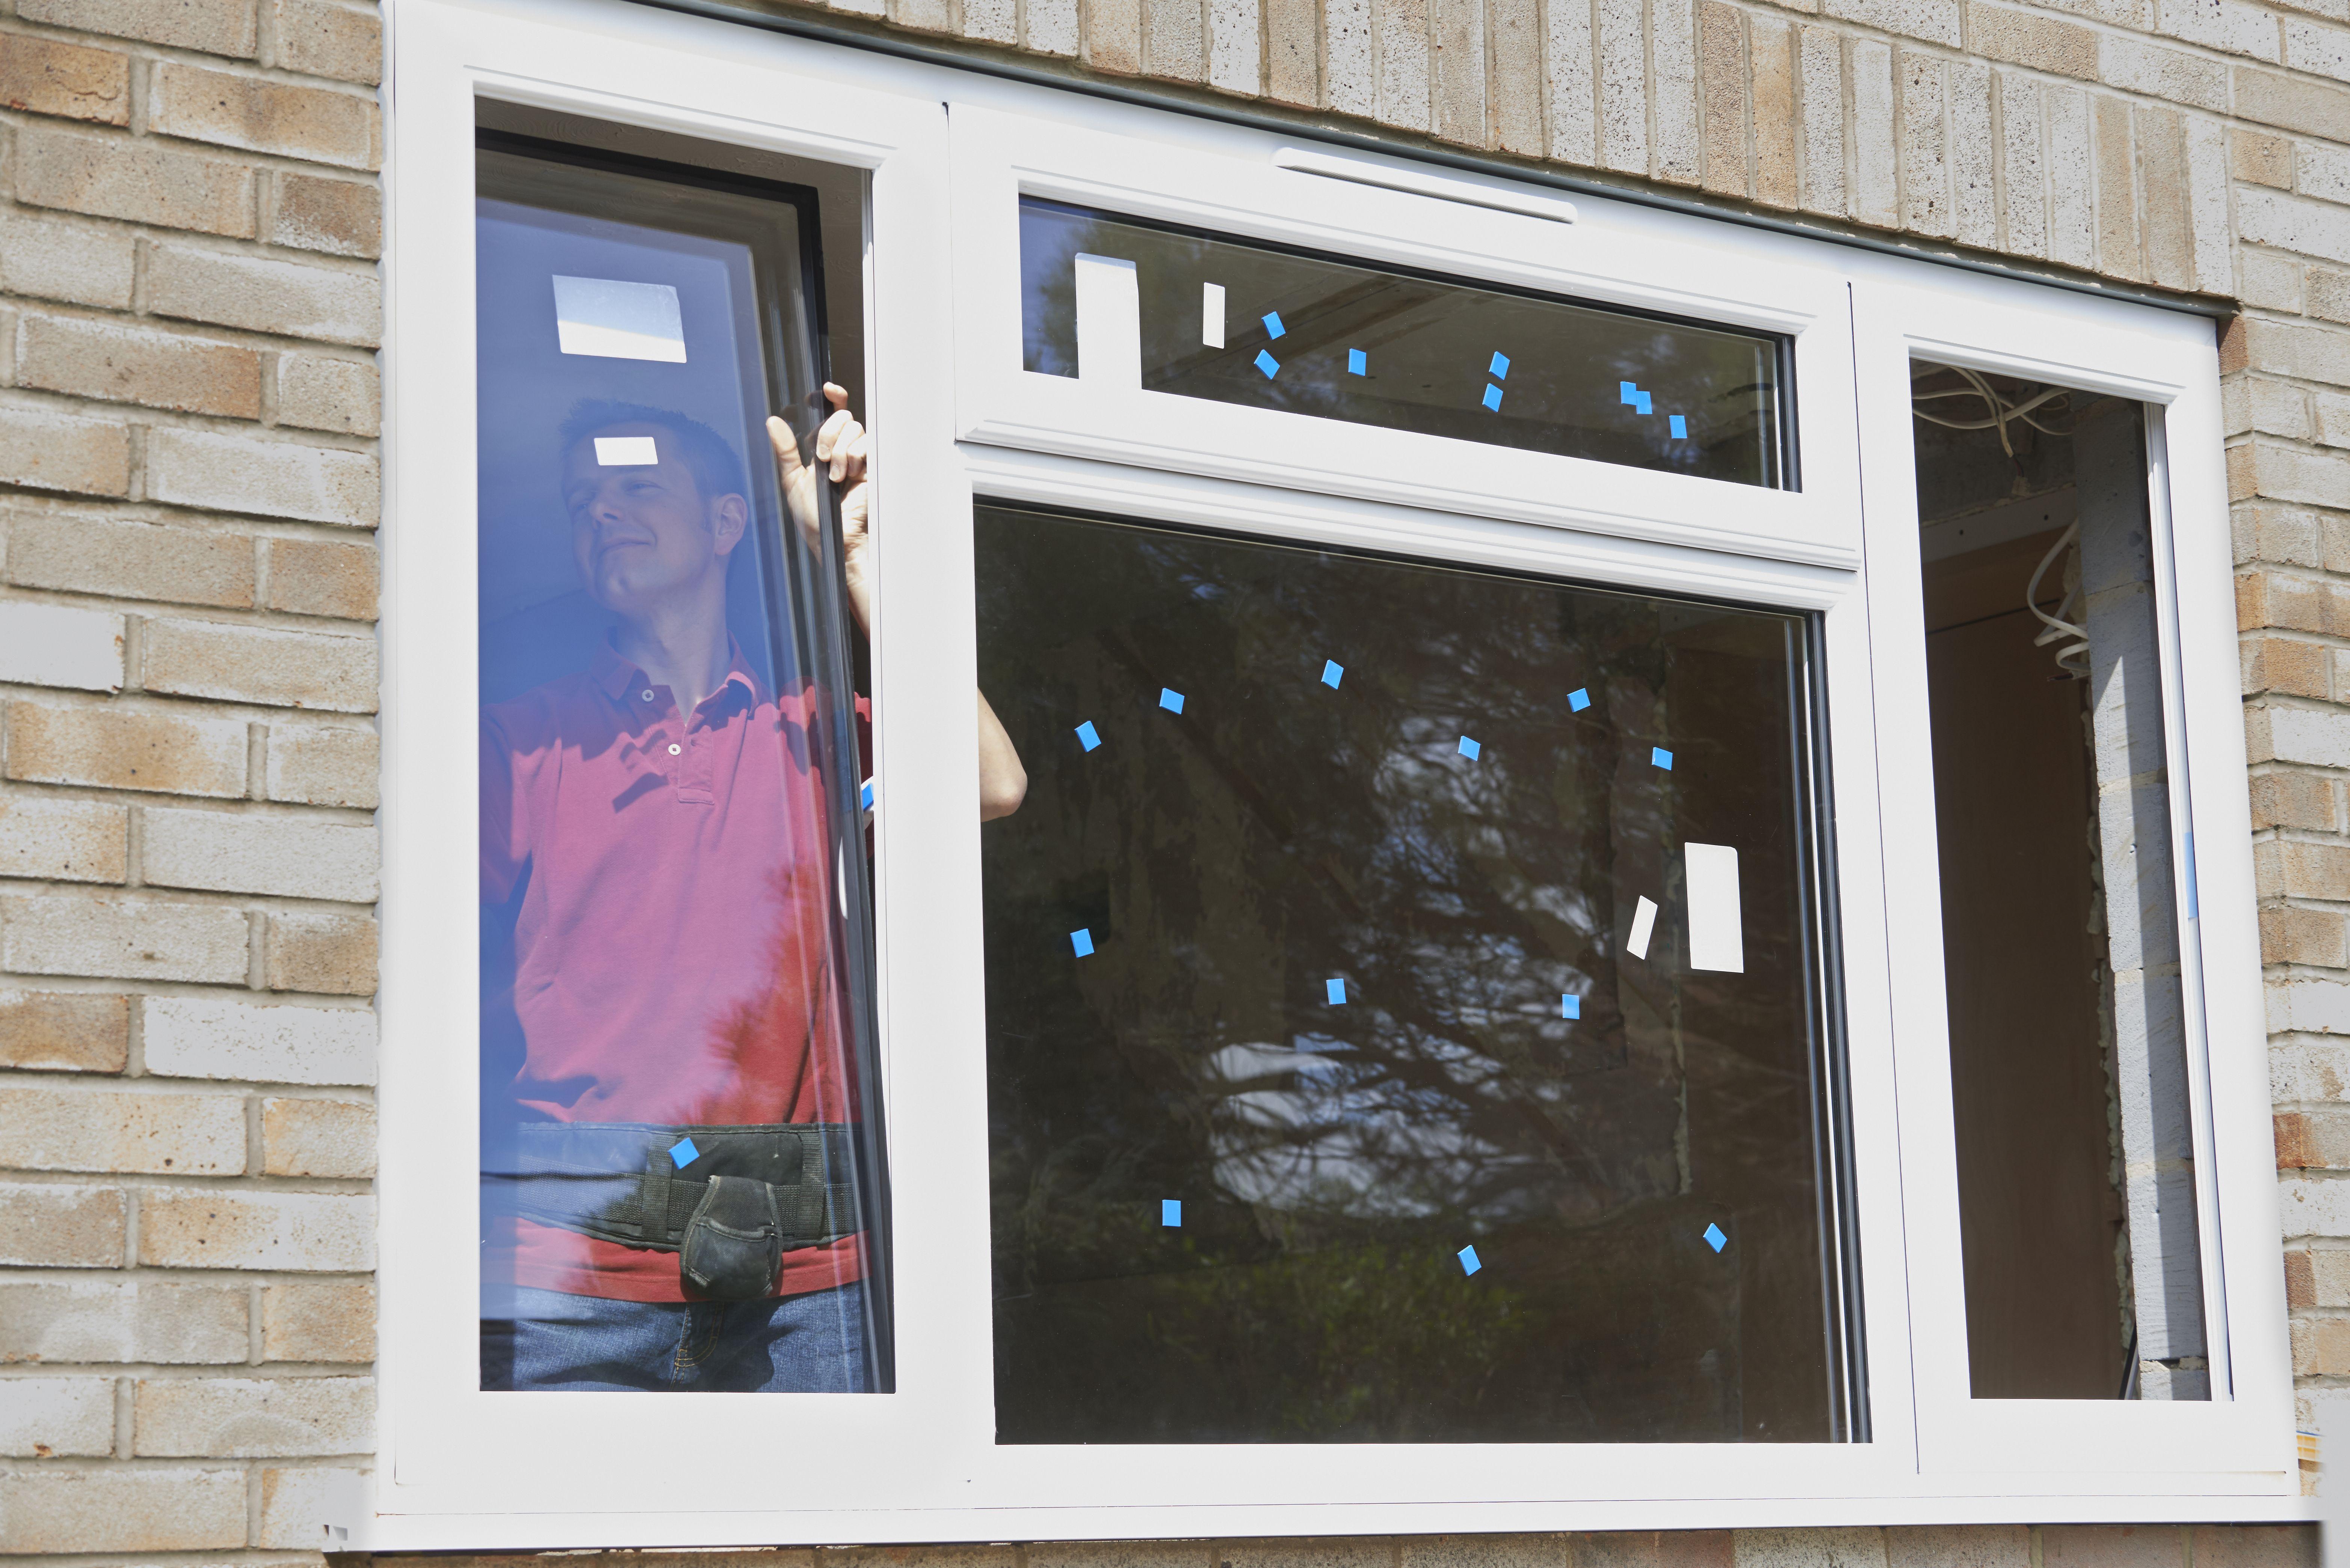 Trabajos de cristalería para ventanas